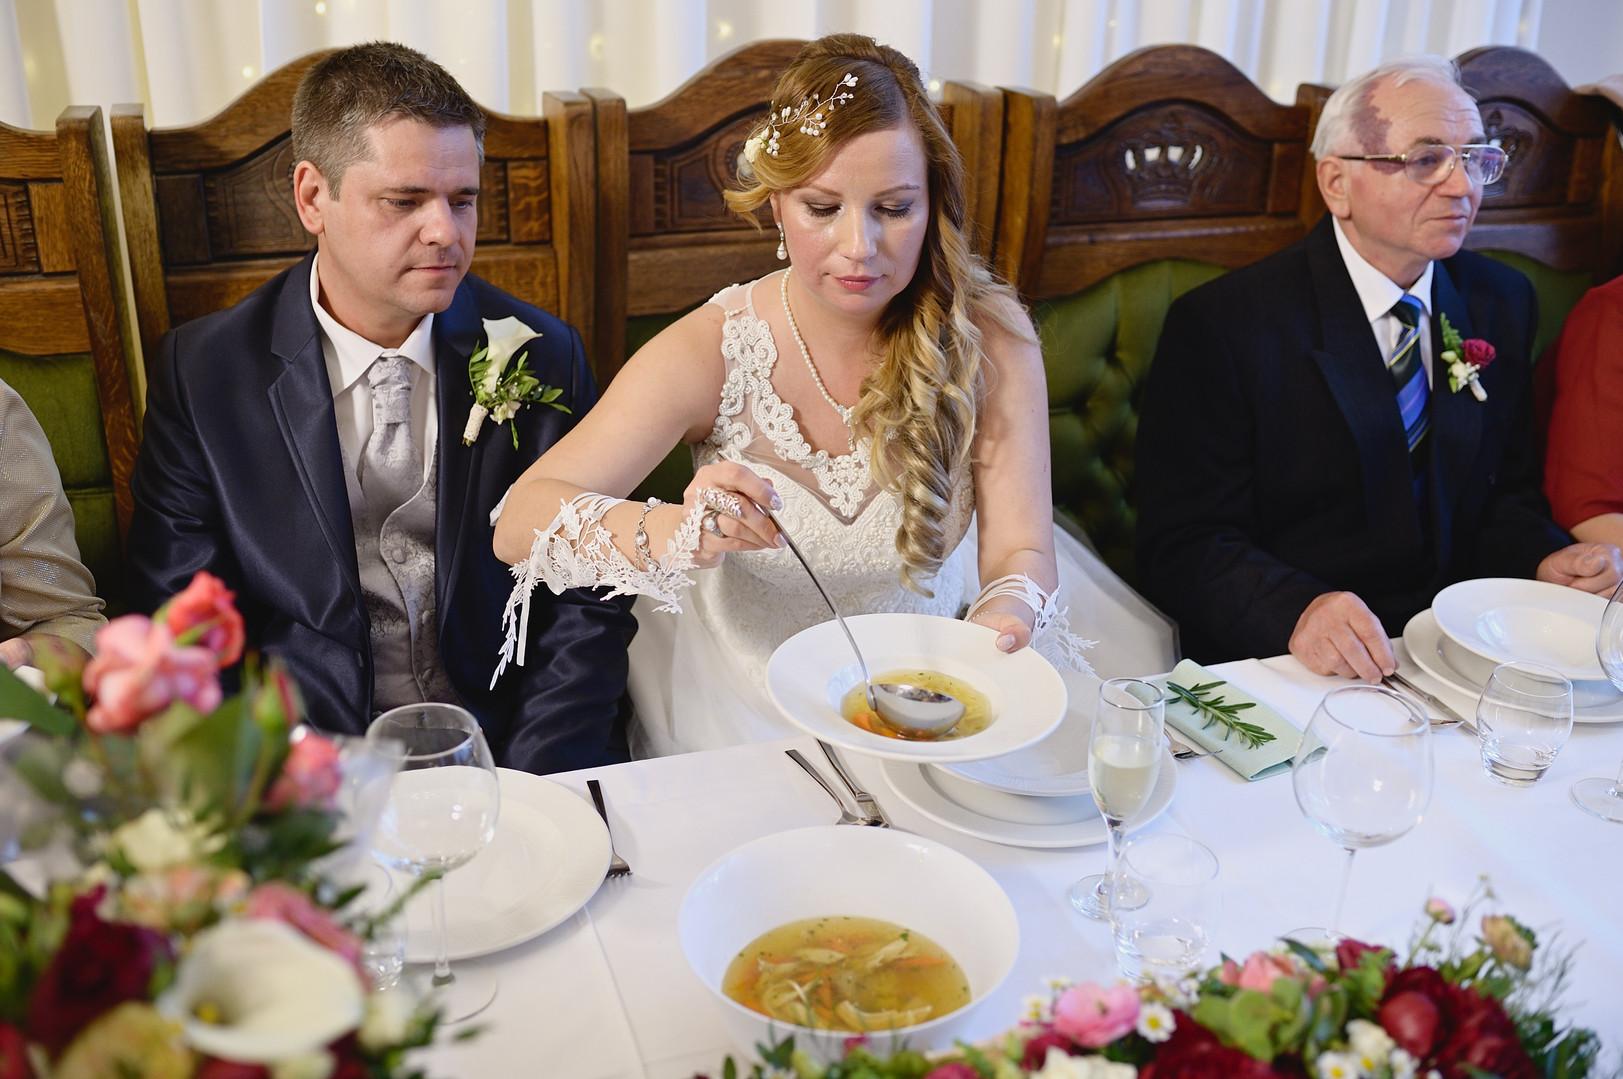 403  Esküvői fotózás - Enikő és Peti Bul